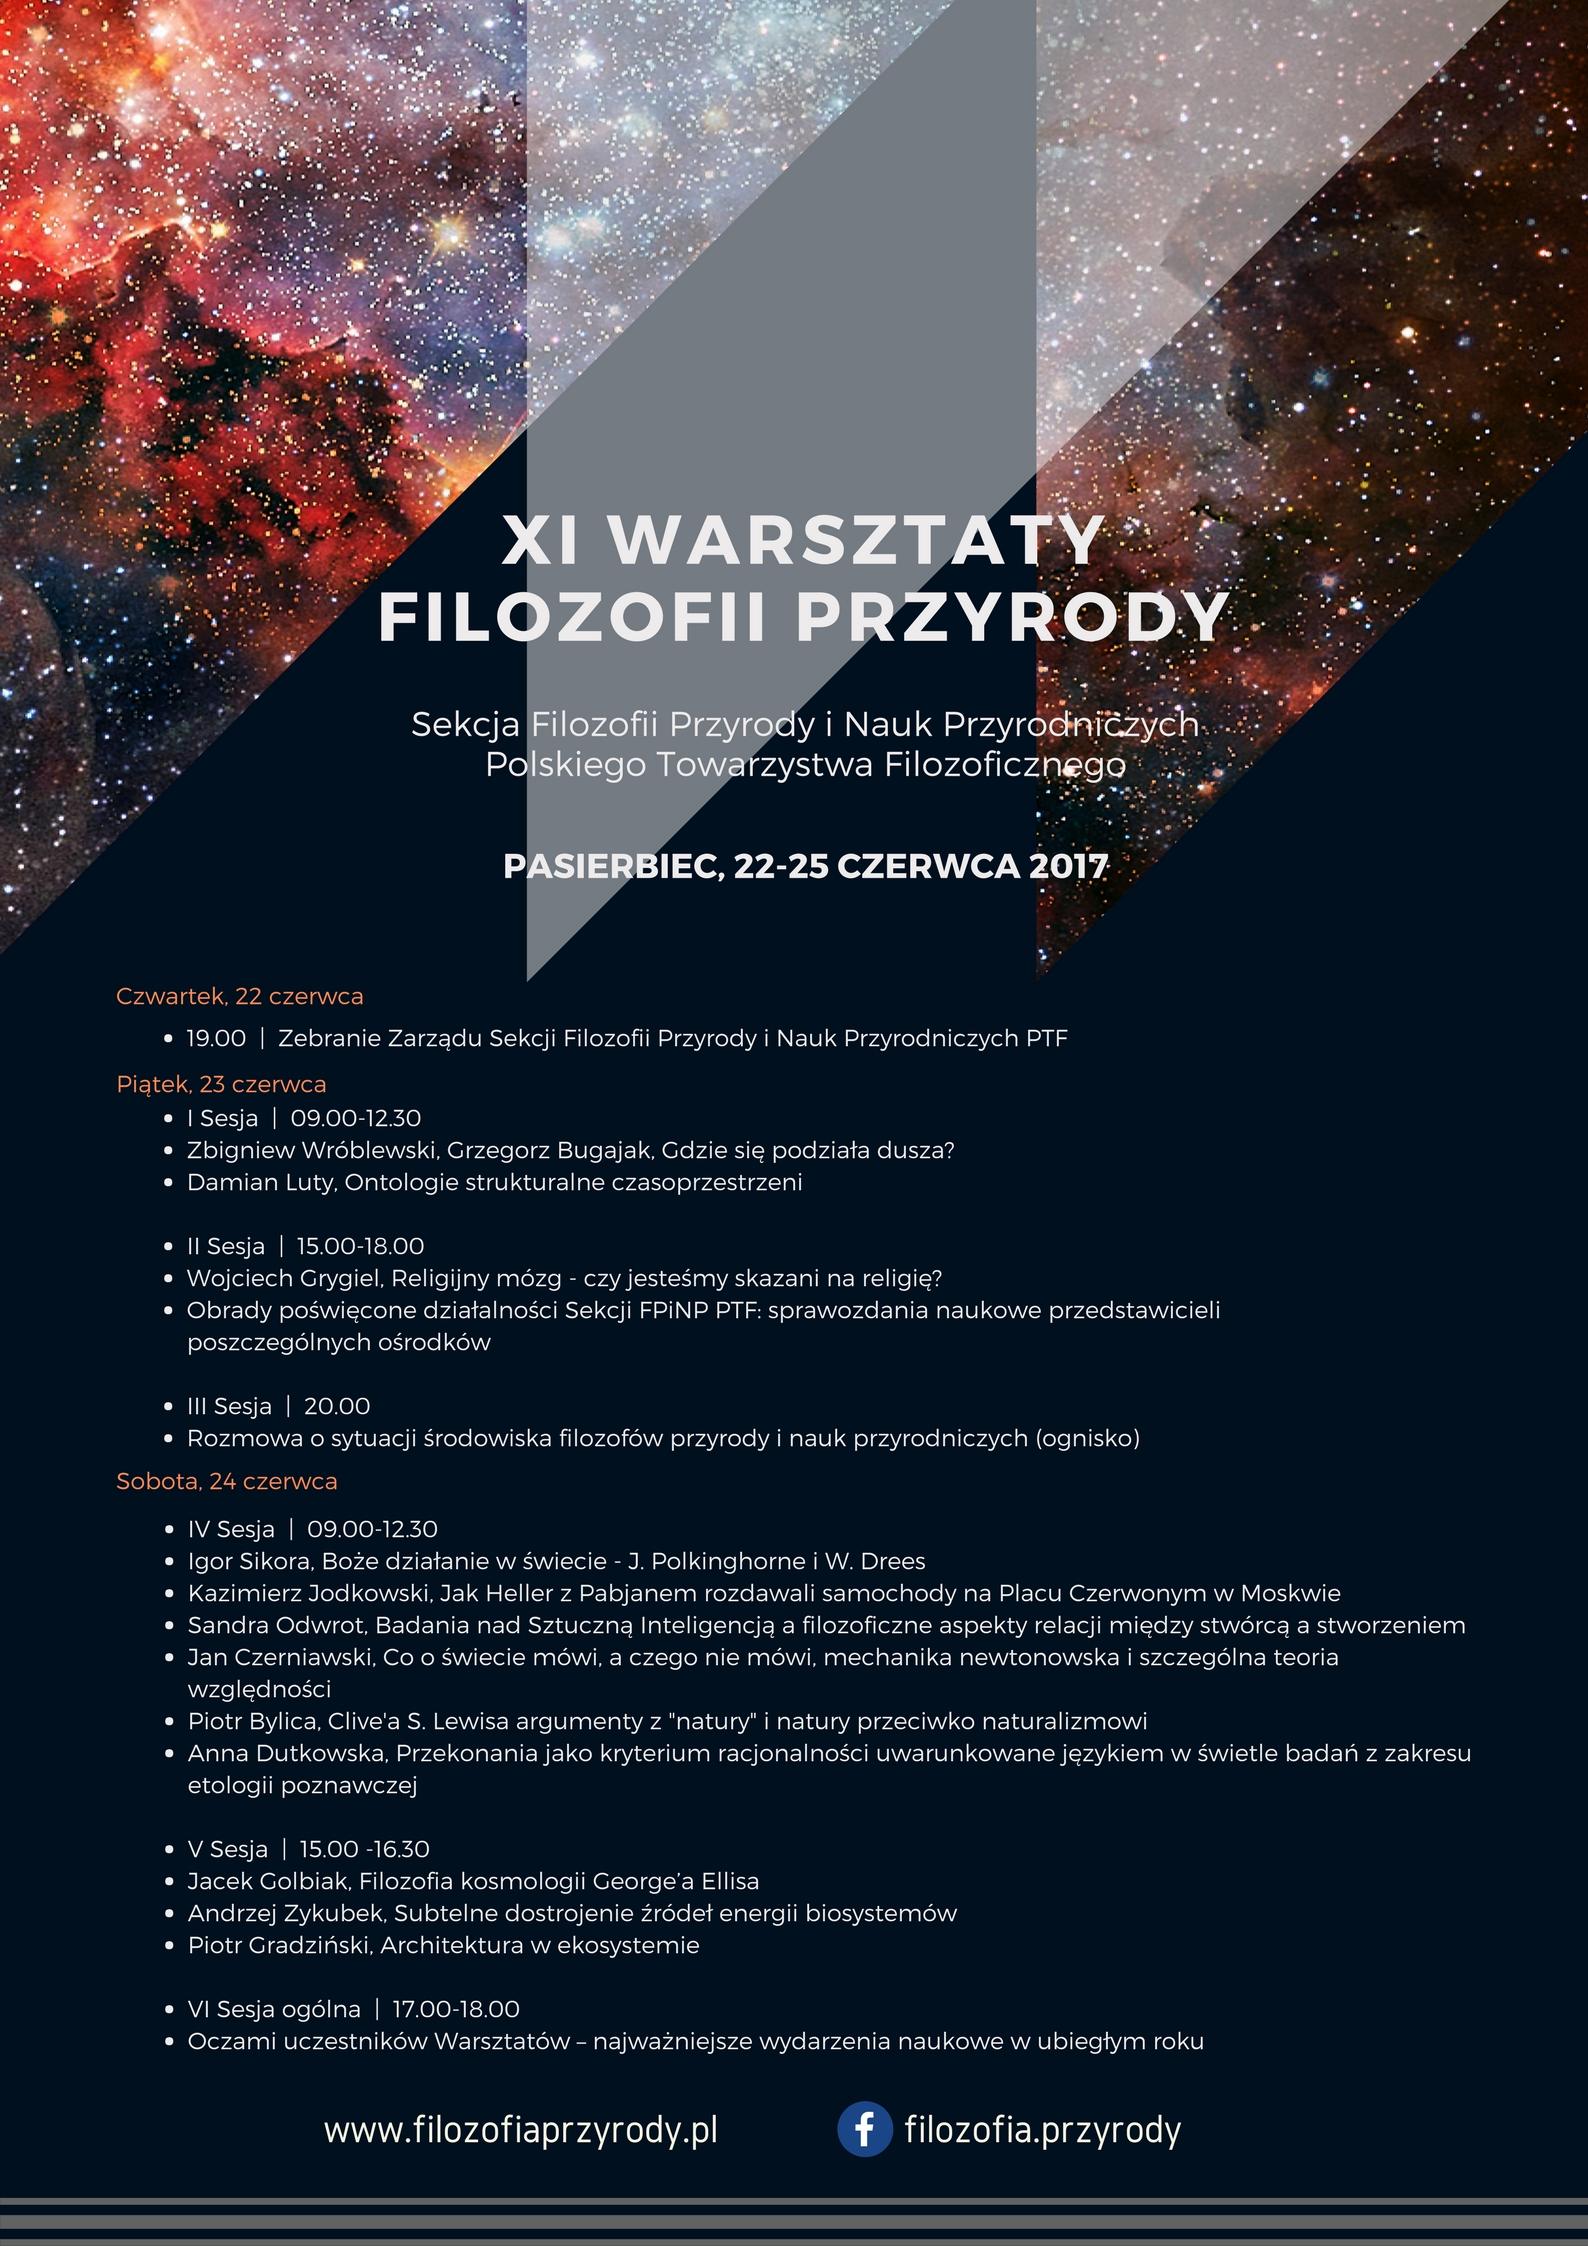 2017_plakat_11warsztaty_fp